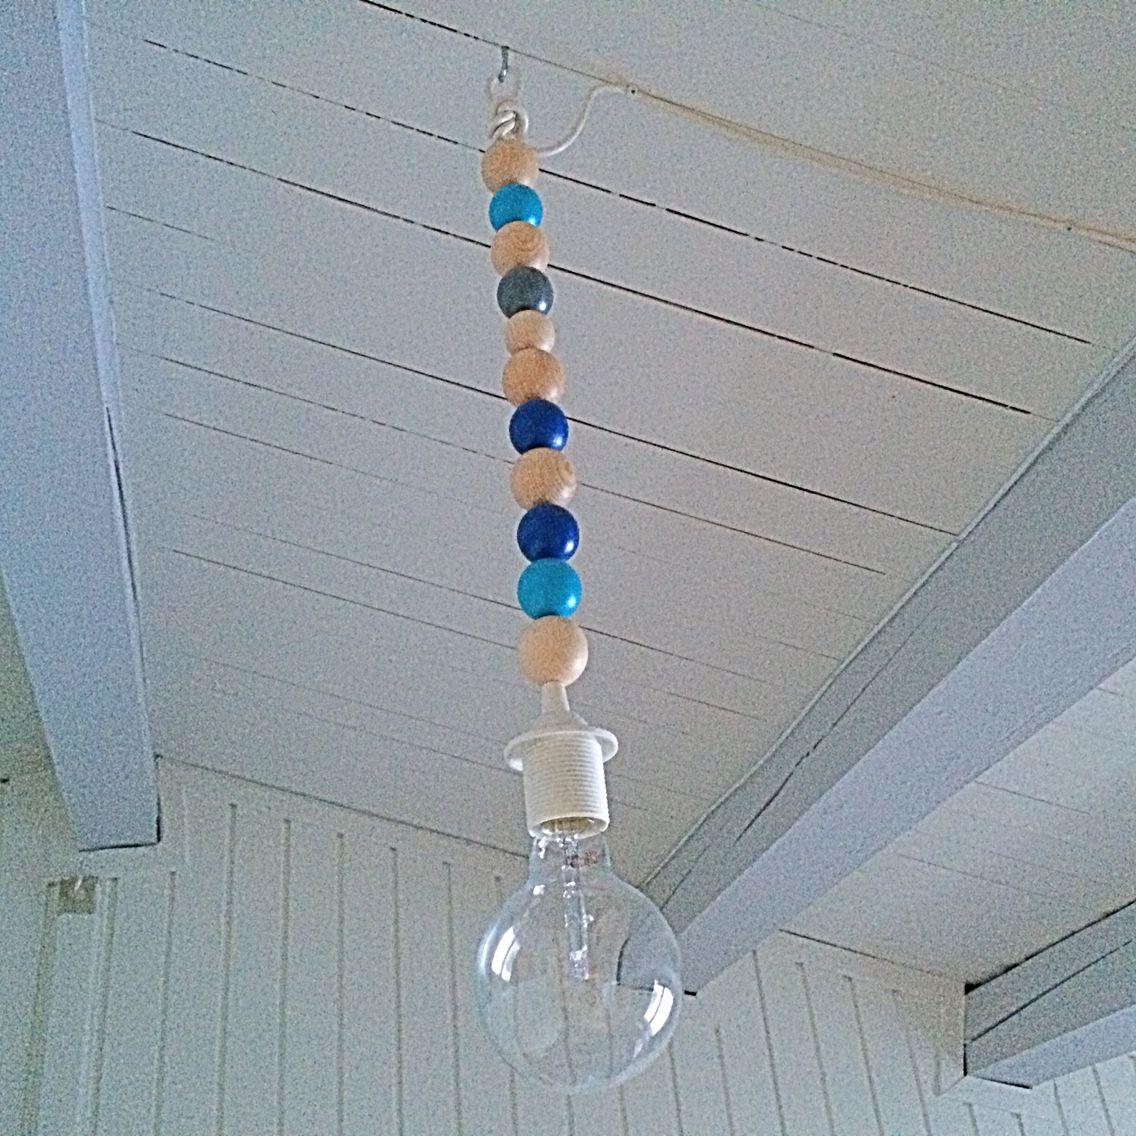 Lampe til vores soveværelse. Lavet af trækugler, som jeg har malet. Fatning, ledning og en stor pære.